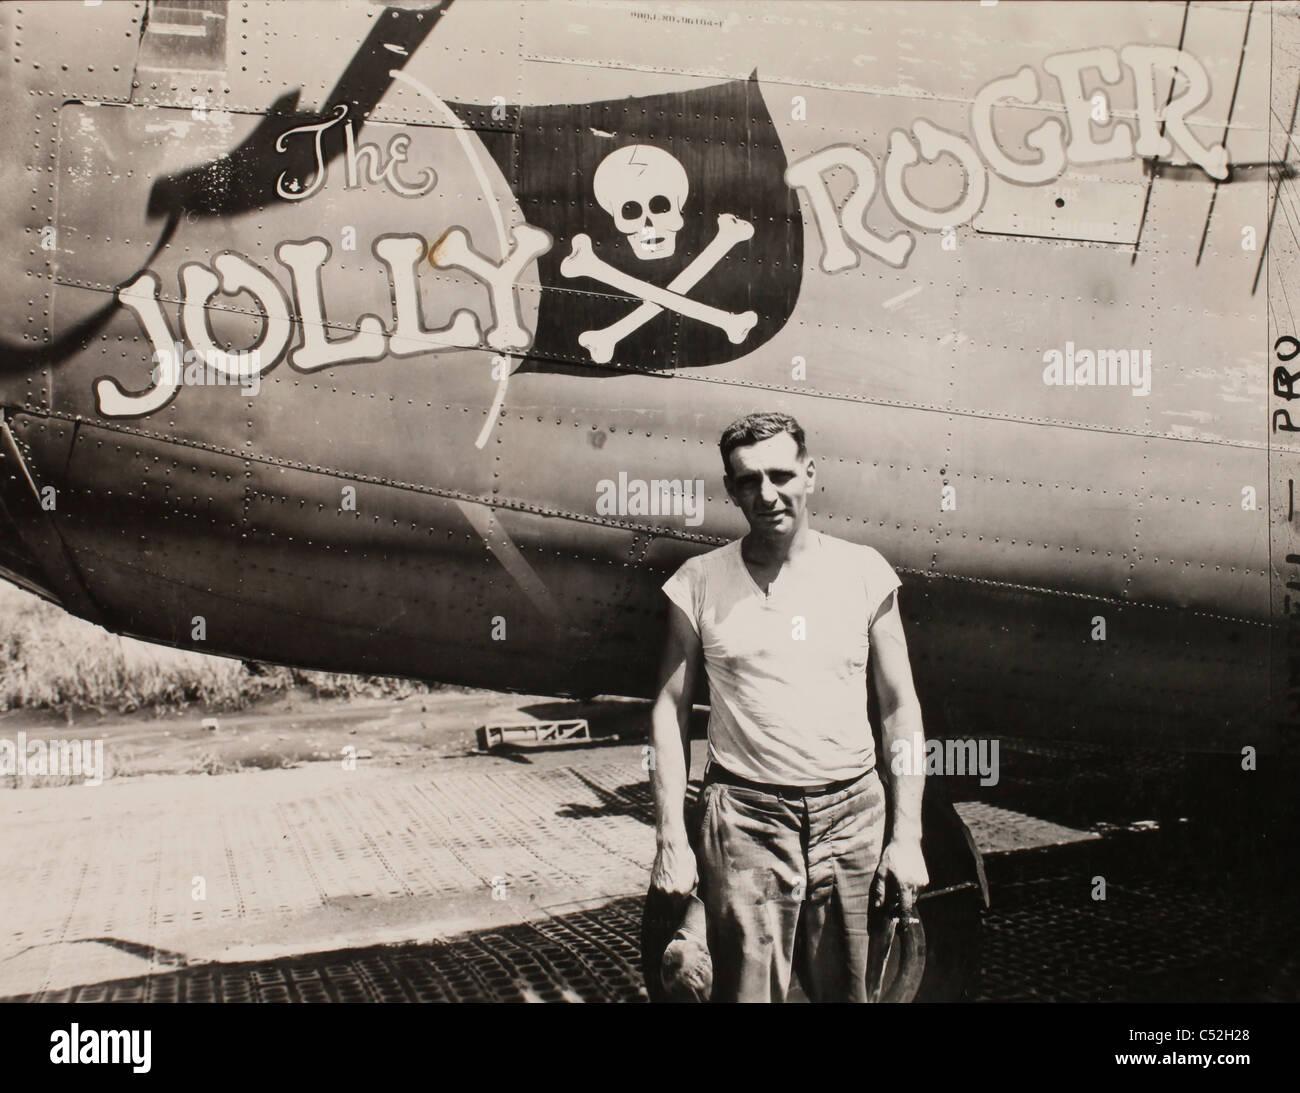 """Le sergent-chef. Robert Porter debout à côté d'un bombardier B-24 Liberator appelé 'Le Jolly Roger."""" c'est un vétéran de nombreuses rafles contre Banque D'Images"""